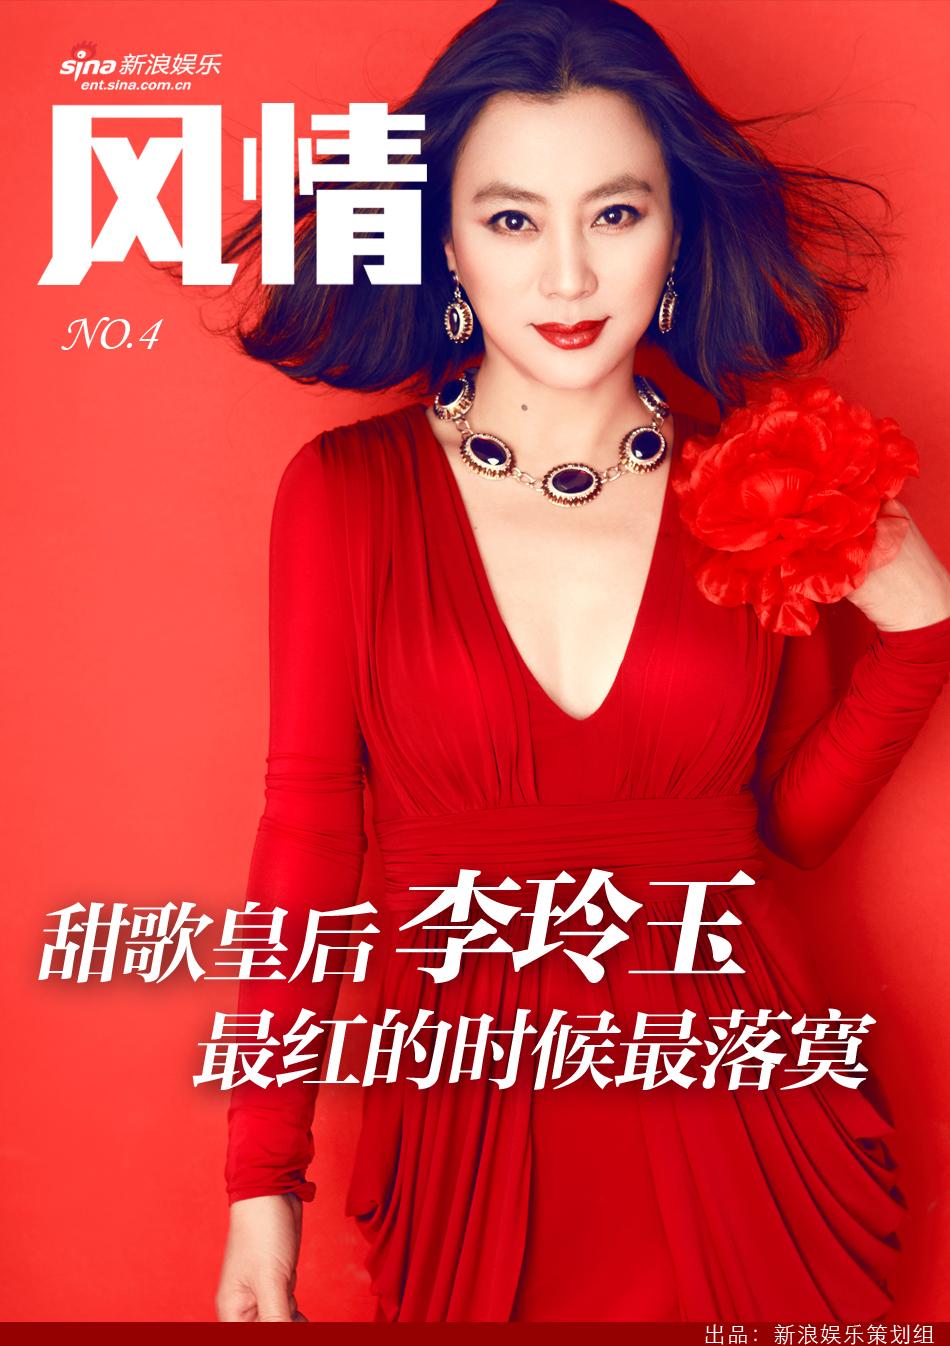 《风情》第4期:甜妹子李玲玉 最红时候最落寞